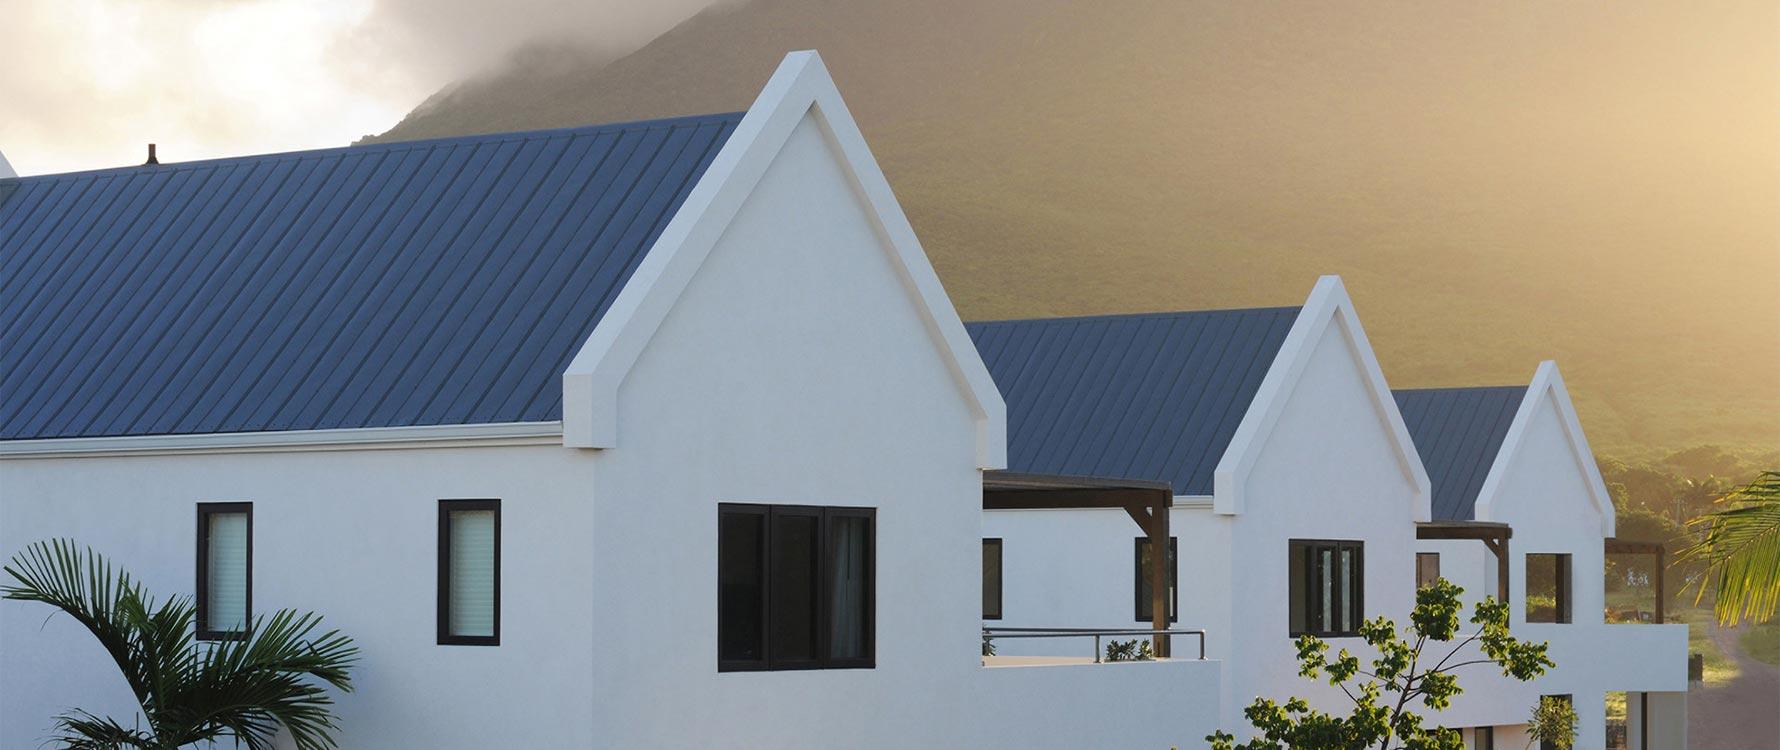 Views of 2006, 2007, 2008 & Nevis Peak